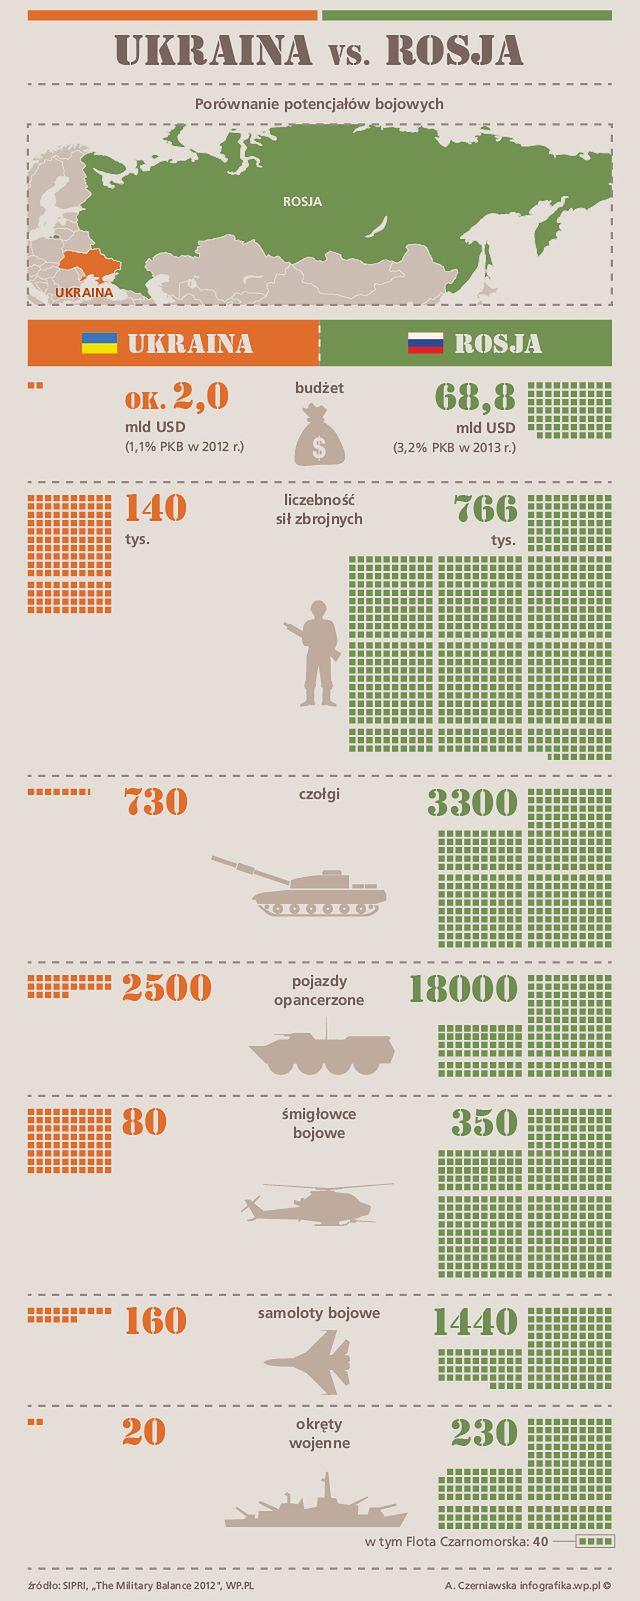 Pełna gotowość bojowa na Ukrainie